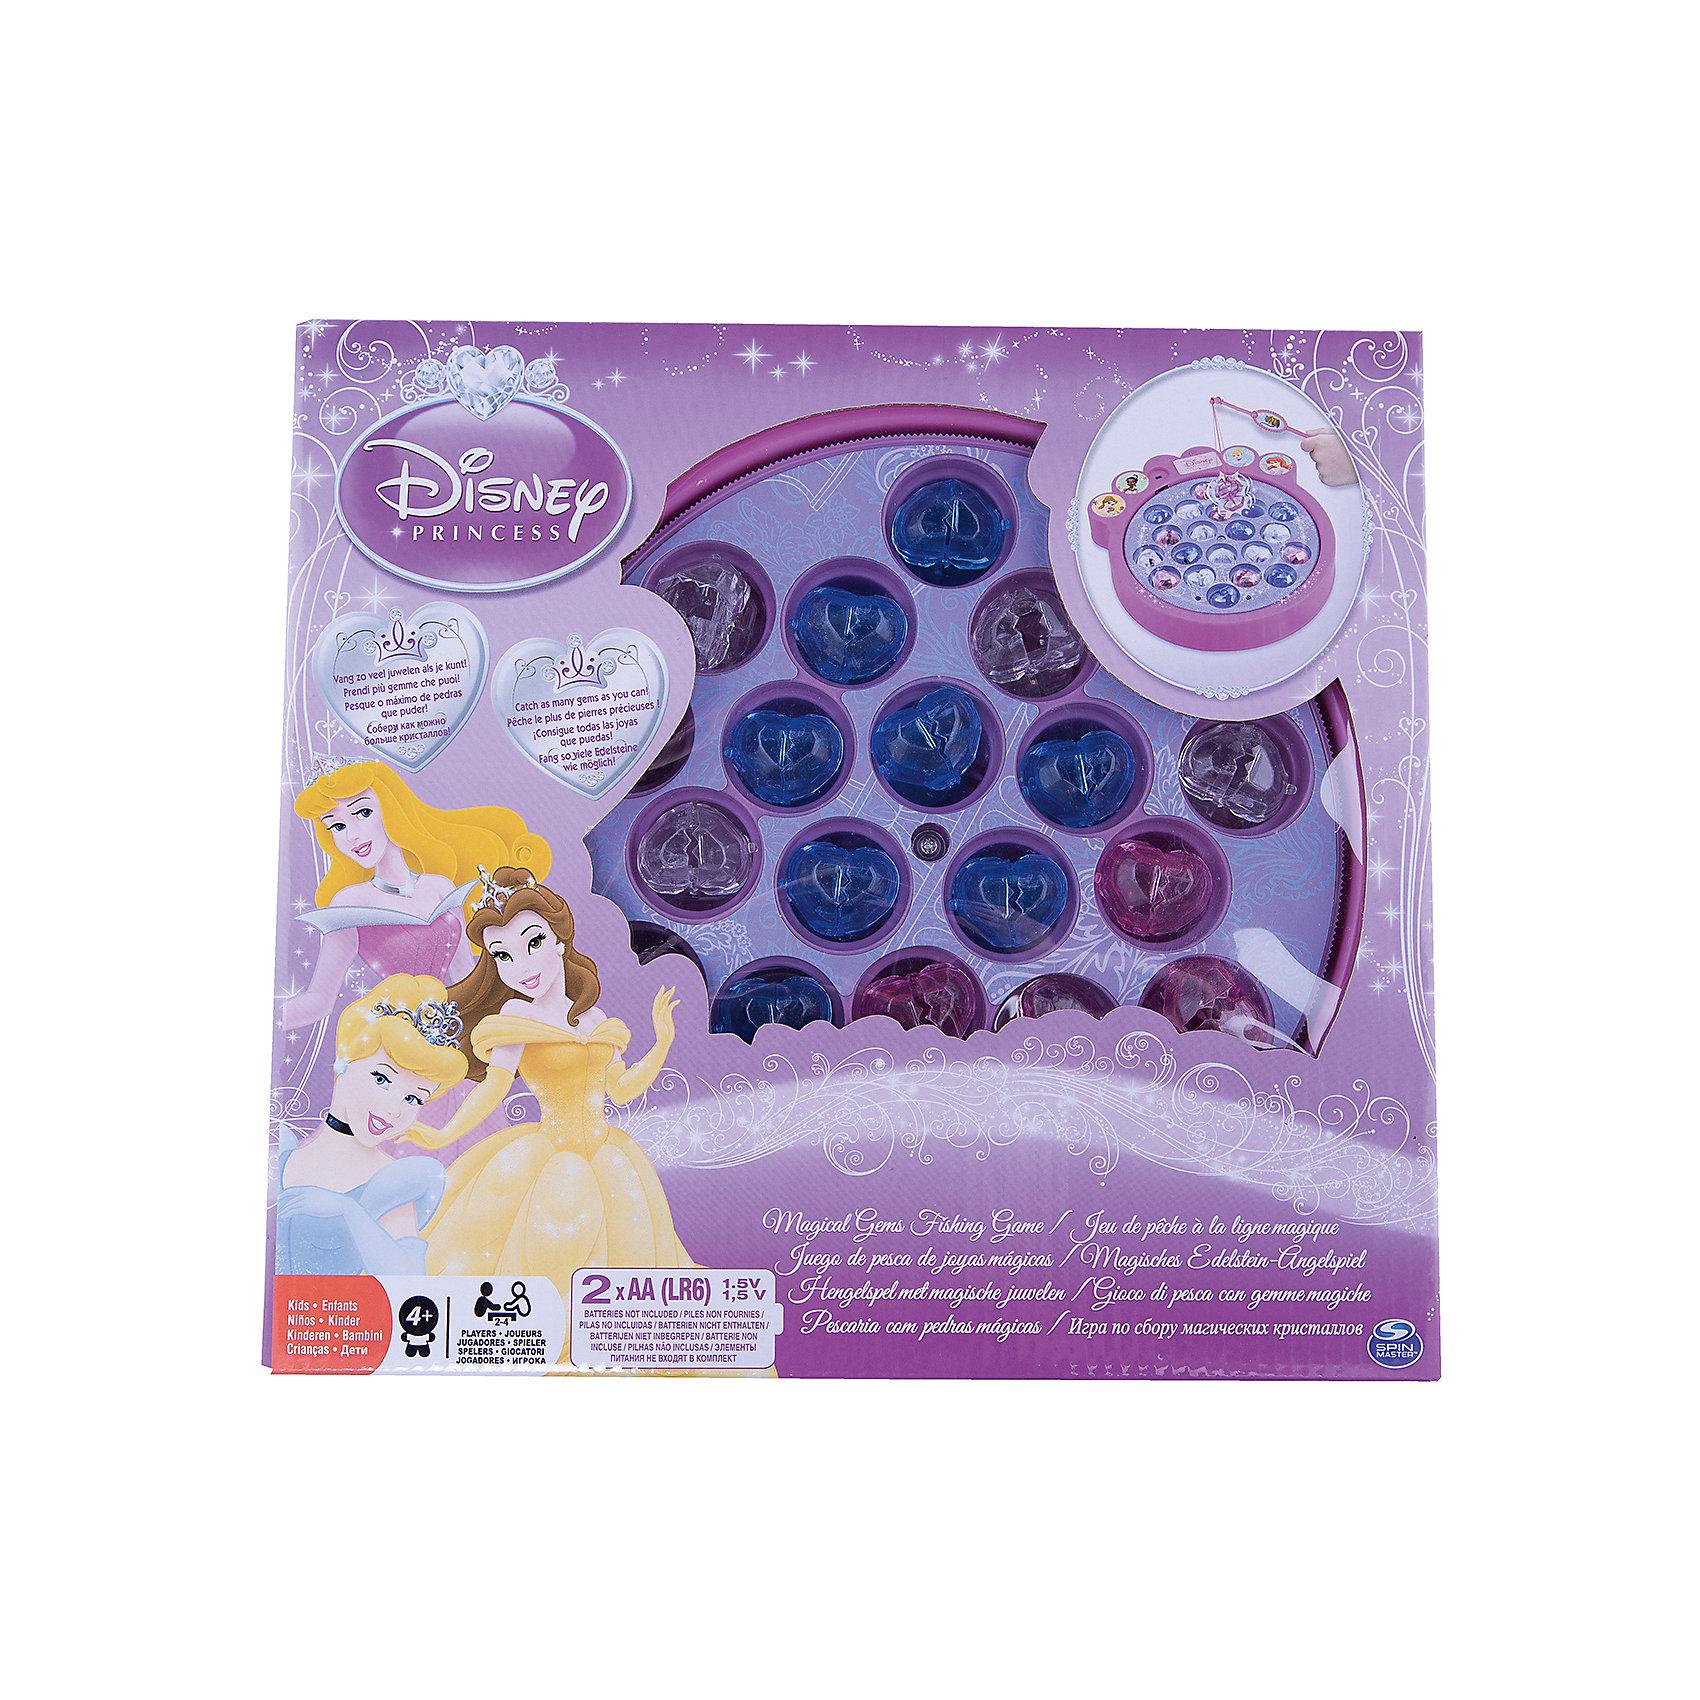 Настольная игра Поймай драгоценные камни Принцессы, Spin MasterИгры для развлечений<br>Характеристики товара:<br><br>• возраст: от 4 лет;<br>• материал: пластик;<br>• в комплекте: 2 удочки, подставка, 21 камень, инструкция;<br>• количество игроков: 2-4 человека;<br>• размер упаковки: 26х26х5 см;<br>• вес упаковки: 640 гр.;<br>• страна производитель: Китай.<br><br>Настольная игра «Поймай драгоценные камни. Принцессы» Spin Master создана по мотивам известных мультфильмов Дисней. На подставке расположились драгоценные камушки в отверстиях. Задача игроков — поймать как можно больше камней при помощи удочки с магнитом.<br><br>Настольную игру «Поймай драгоценные камни. Принцессы» Spin Master можно приобрести в нашем интернет-магазине.<br><br>Ширина мм: 50<br>Глубина мм: 290<br>Высота мм: 260<br>Вес г: 732<br>Возраст от месяцев: 48<br>Возраст до месяцев: 2147483647<br>Пол: Женский<br>Возраст: Детский<br>SKU: 6873823